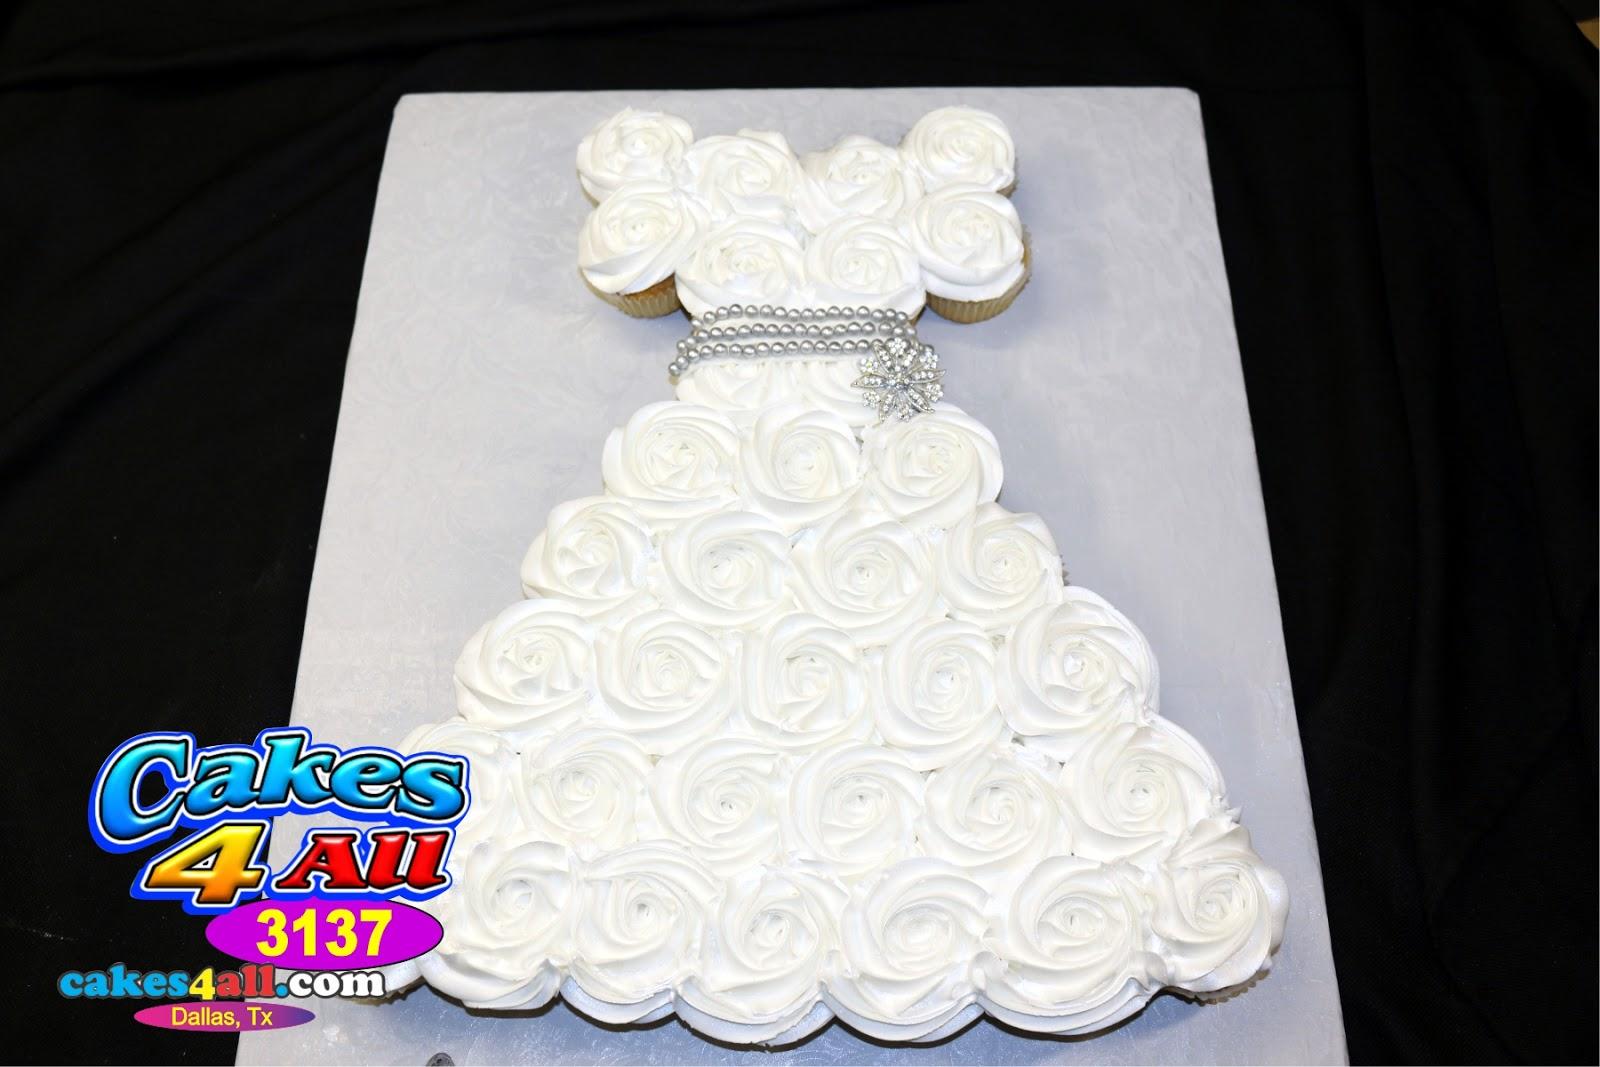 cakes 4 all in Dallas Nov 21 2015